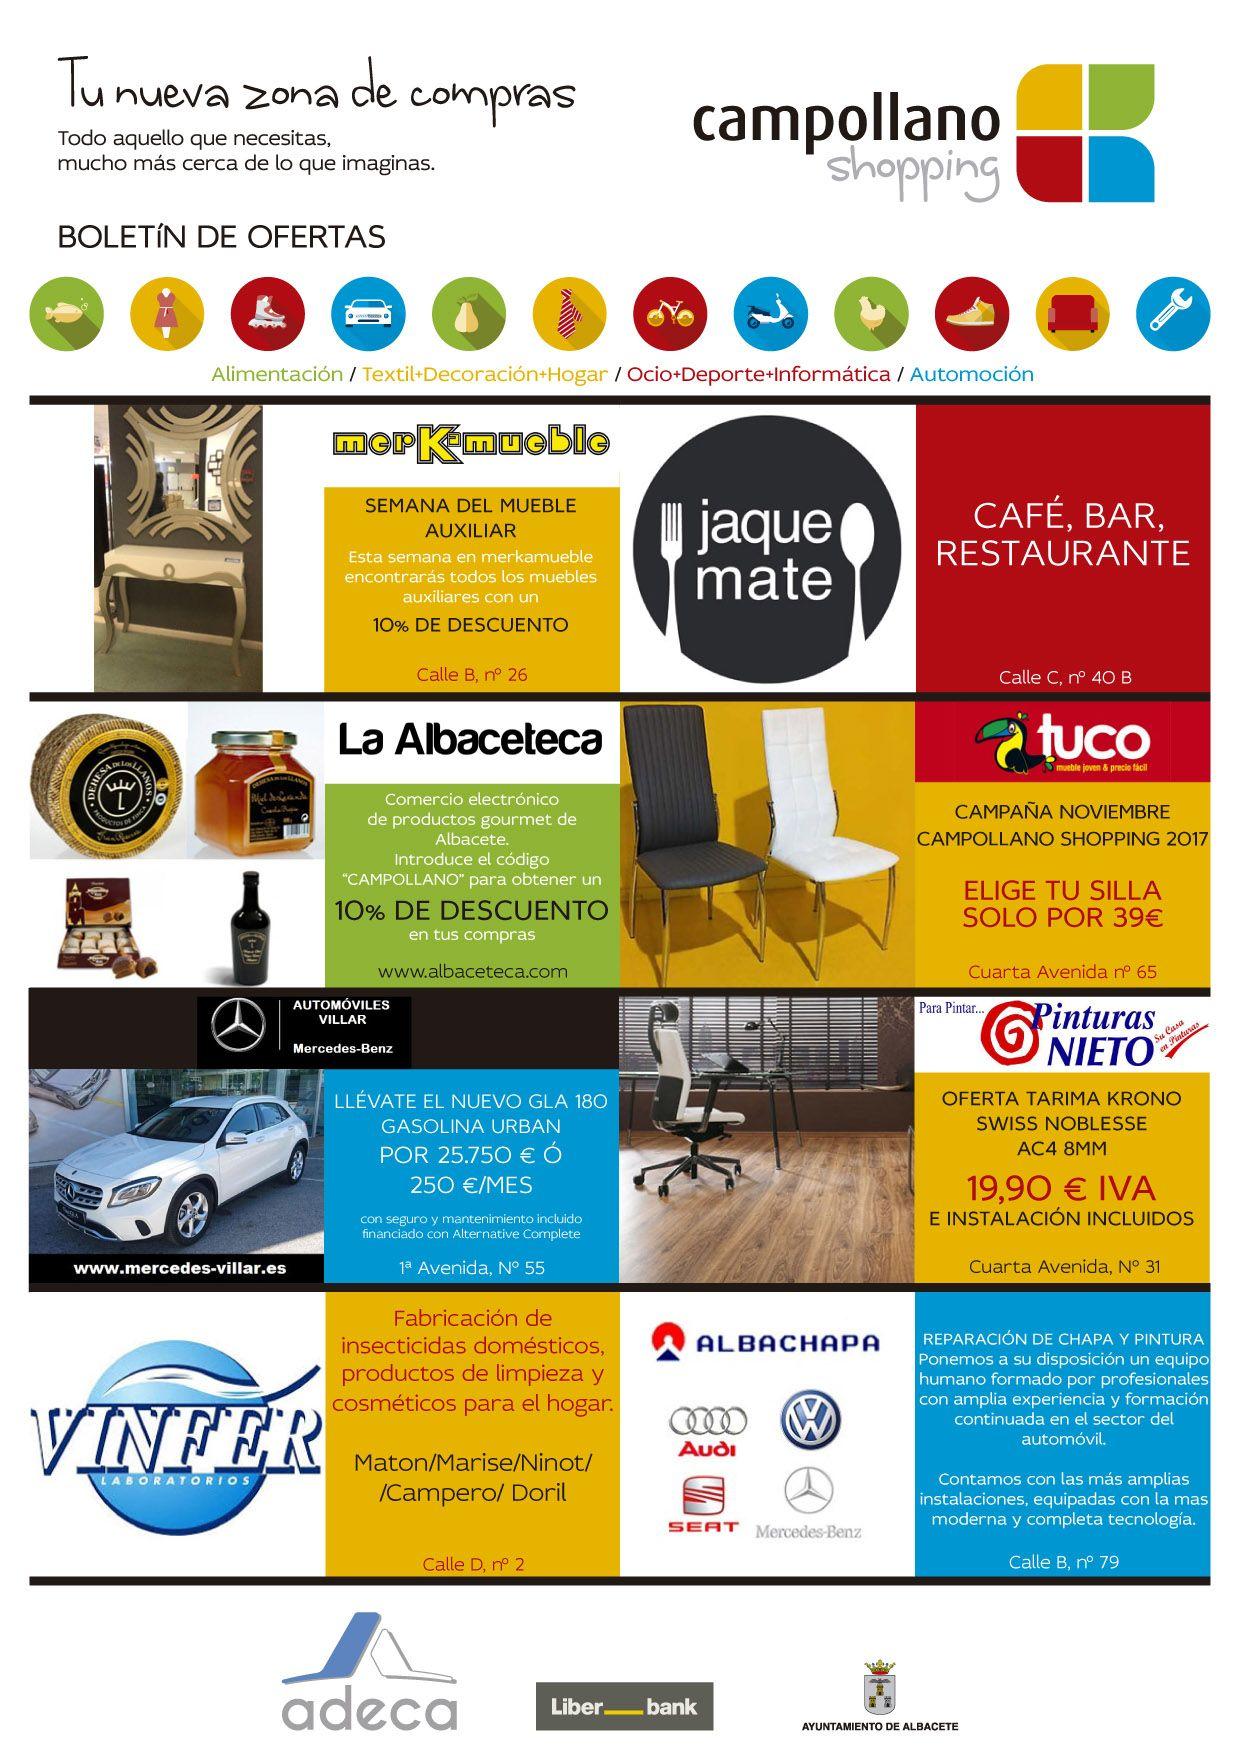 Campollano Shopping ADECA